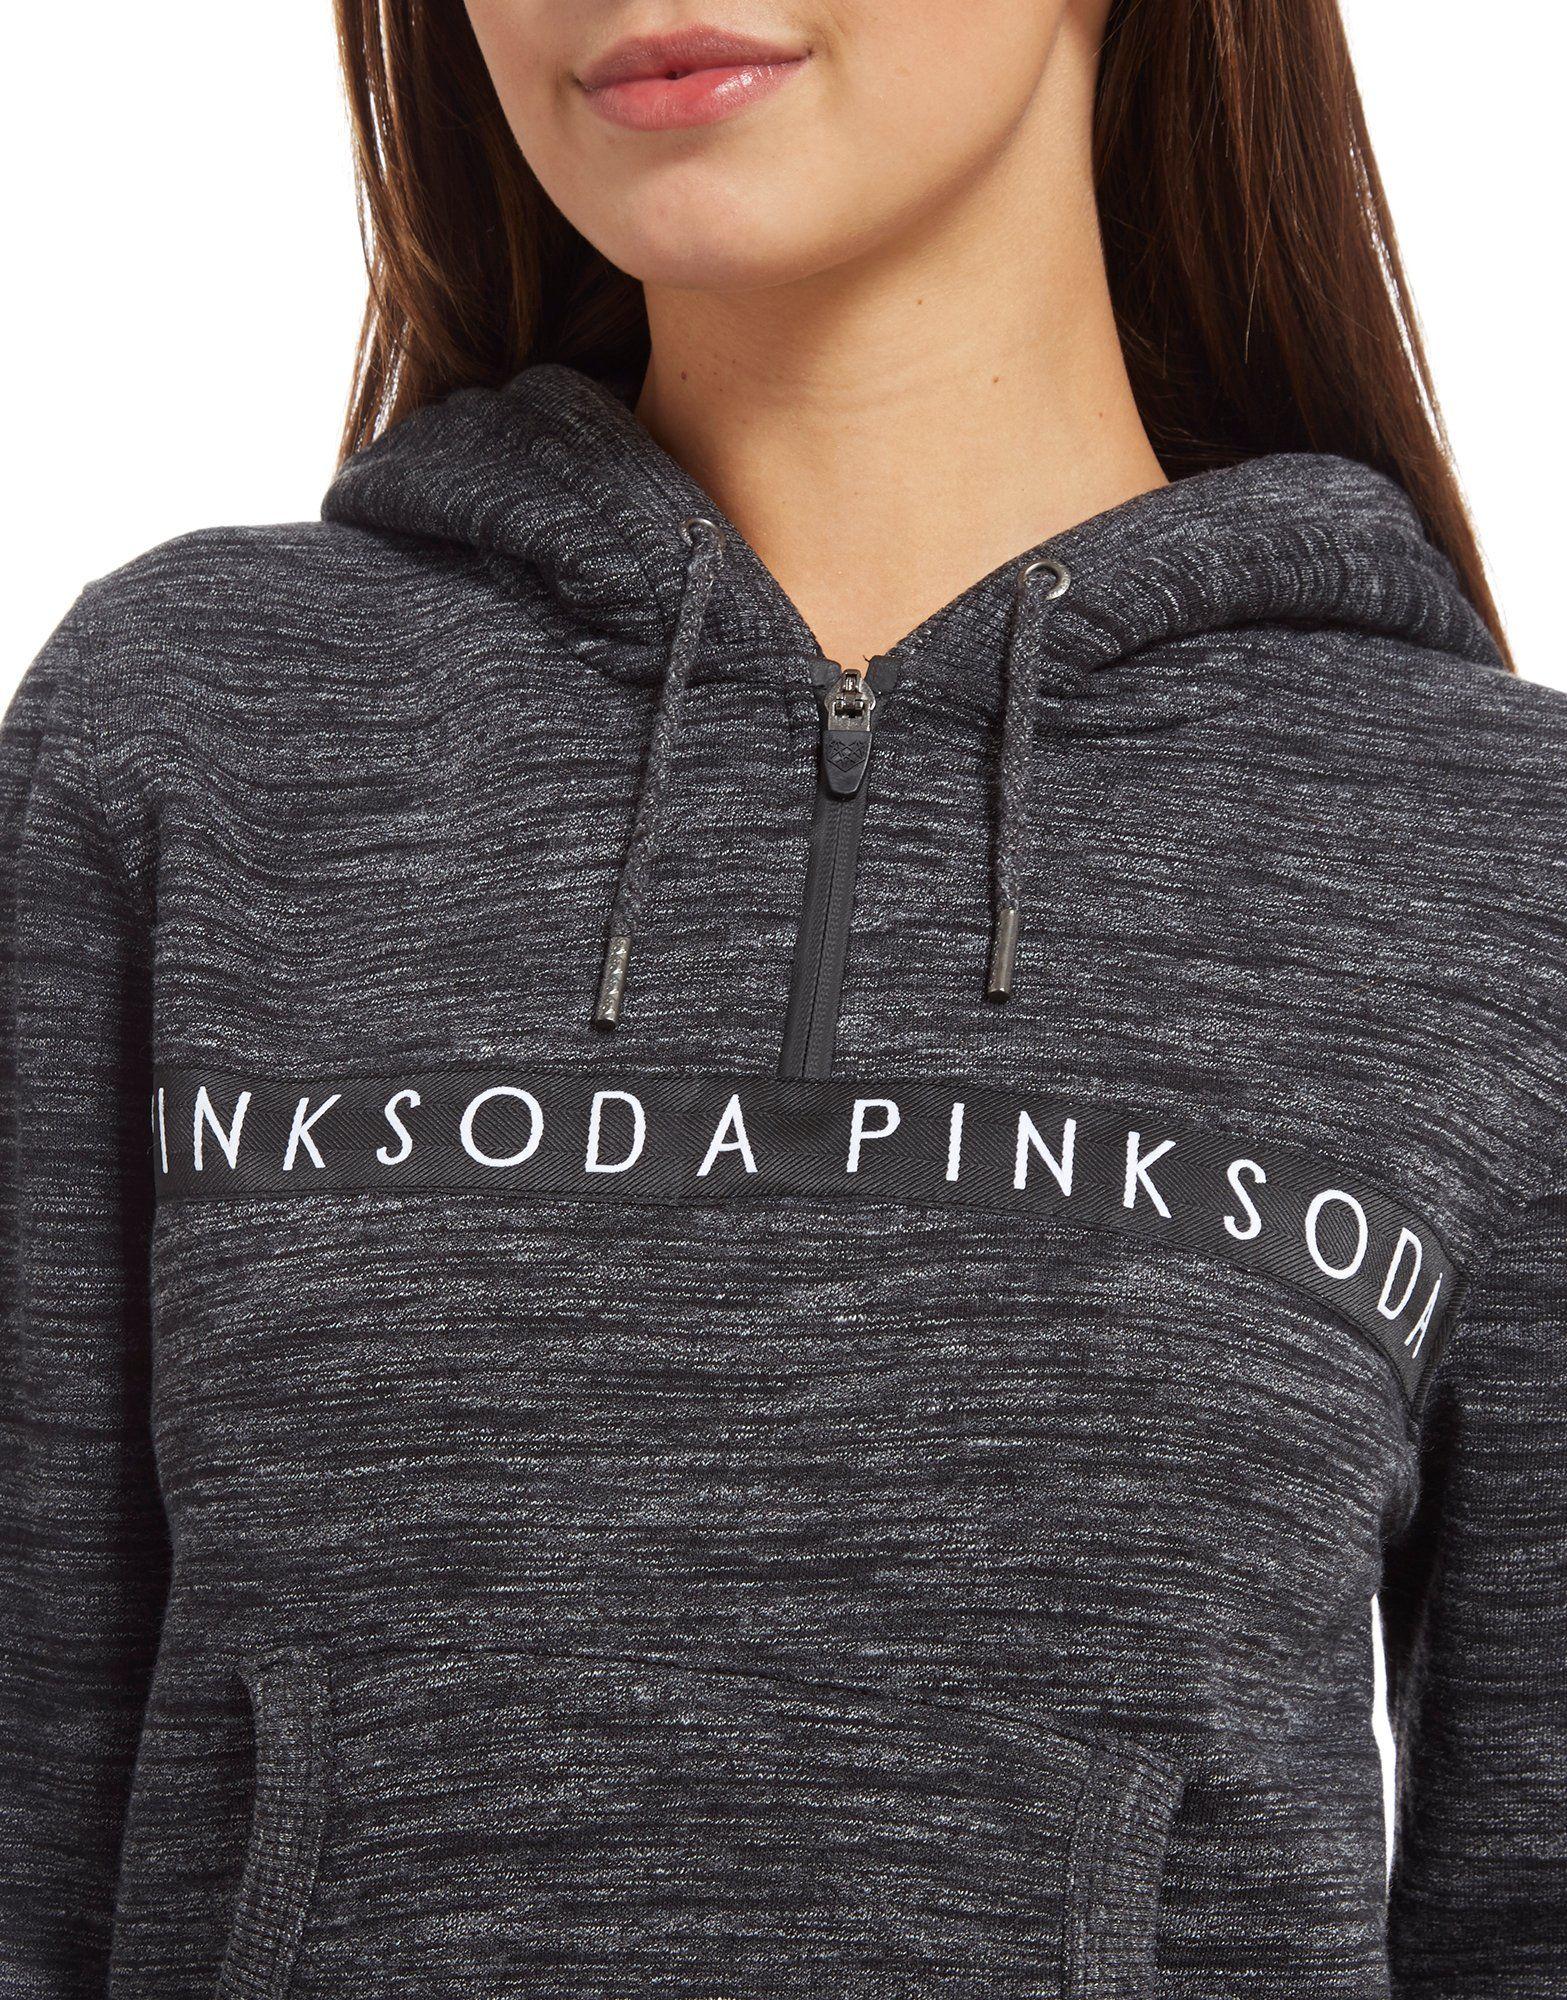 Pink Soda Sport Space Dye 1/2 Zip Hoodie